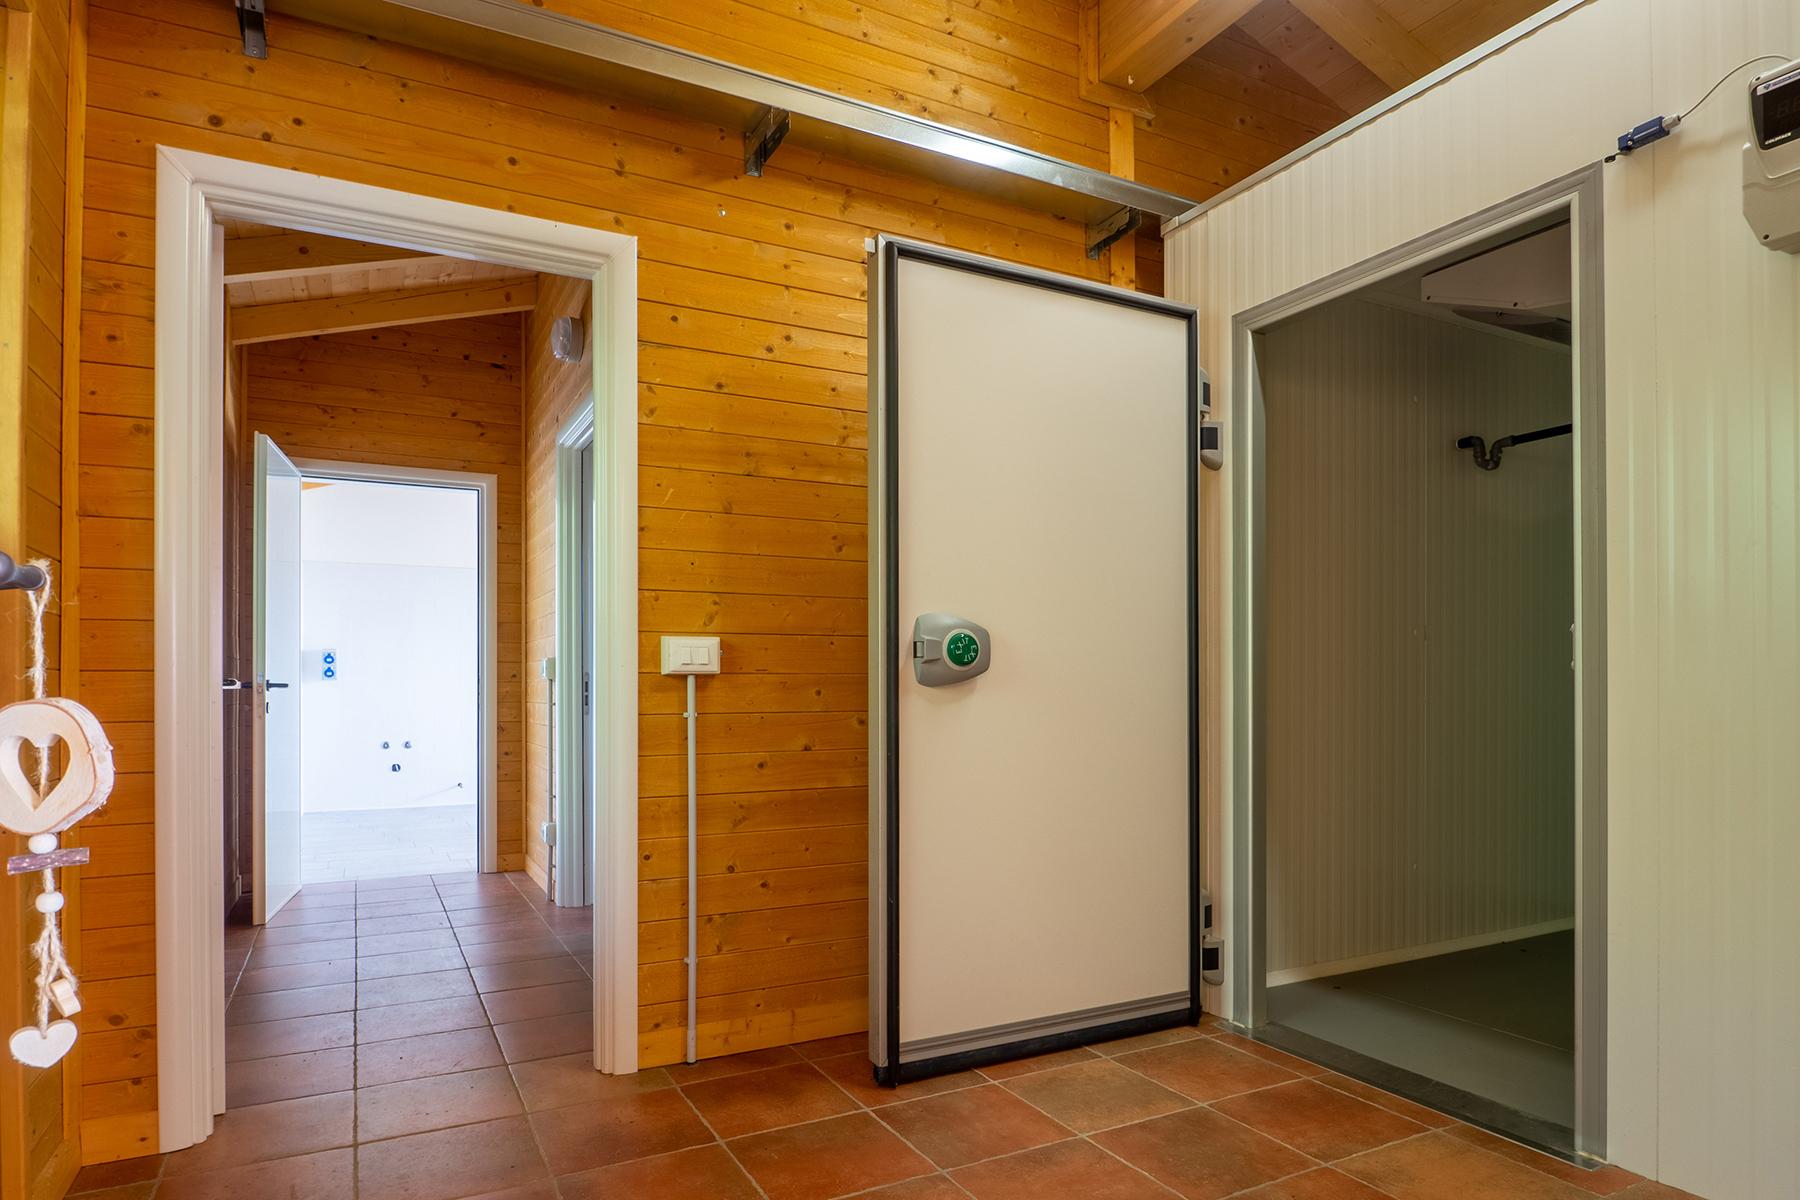 Villa in Vendita a Pettinengo: 5 locali, 412 mq - Foto 19